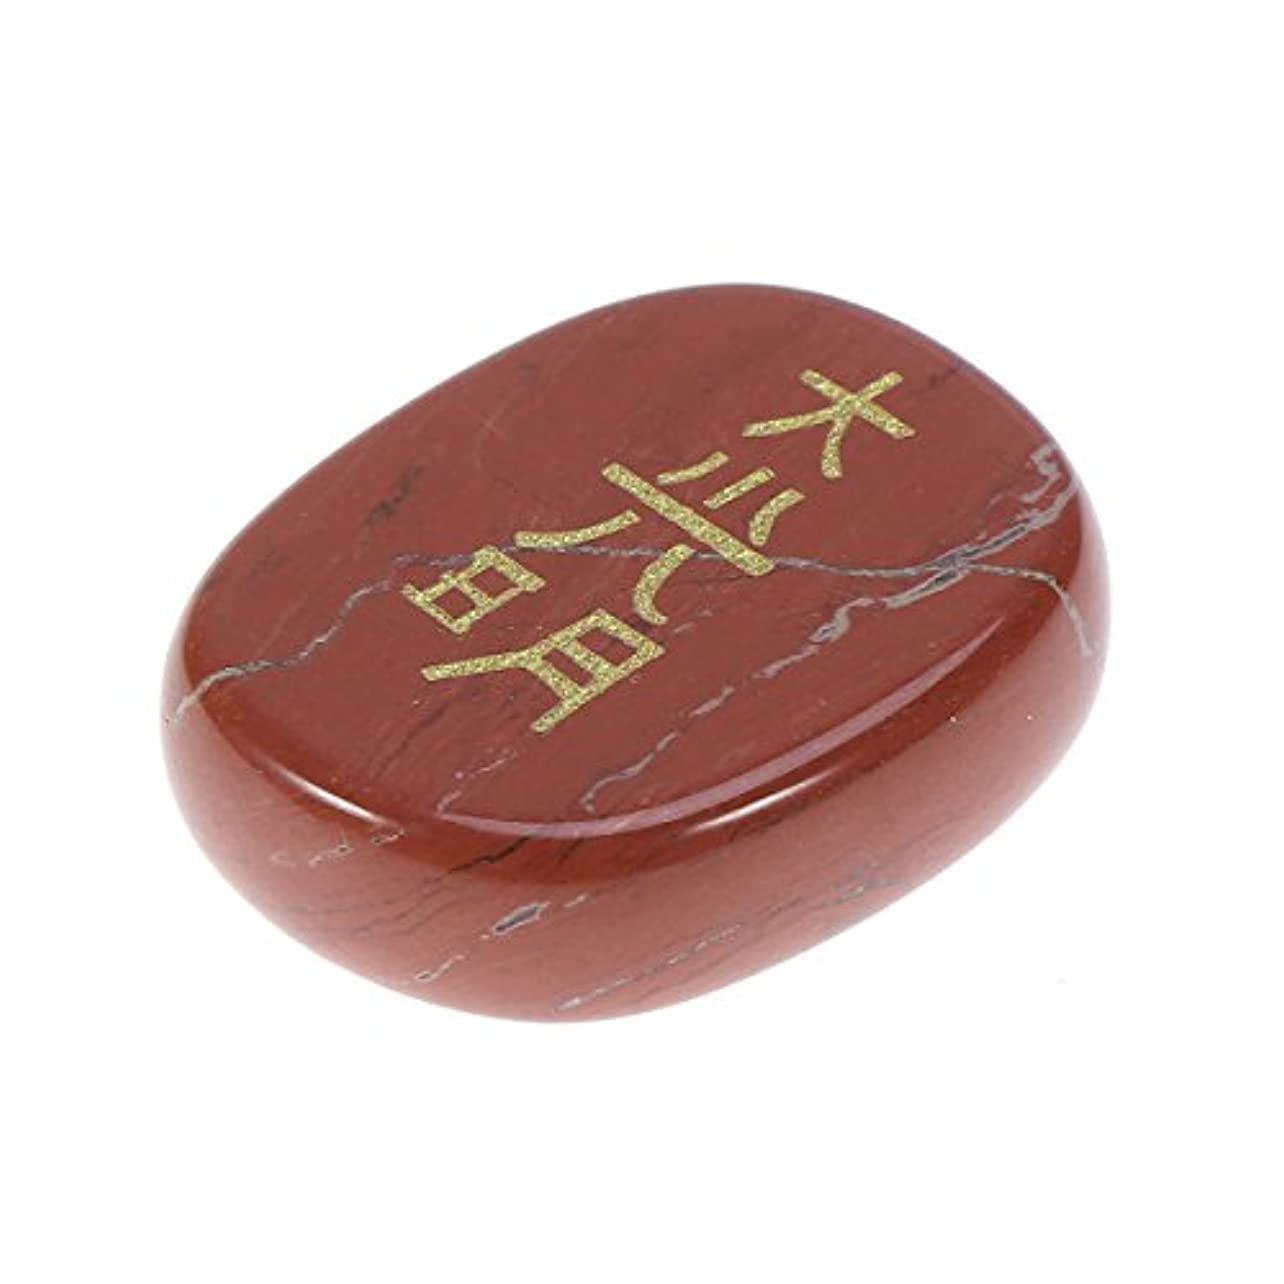 句読点超越する相対的Healifty 宗教 石 彫刻 天然 クリスタルストーン エンジェル記号 彫刻 瞑想 (ダークレッド)